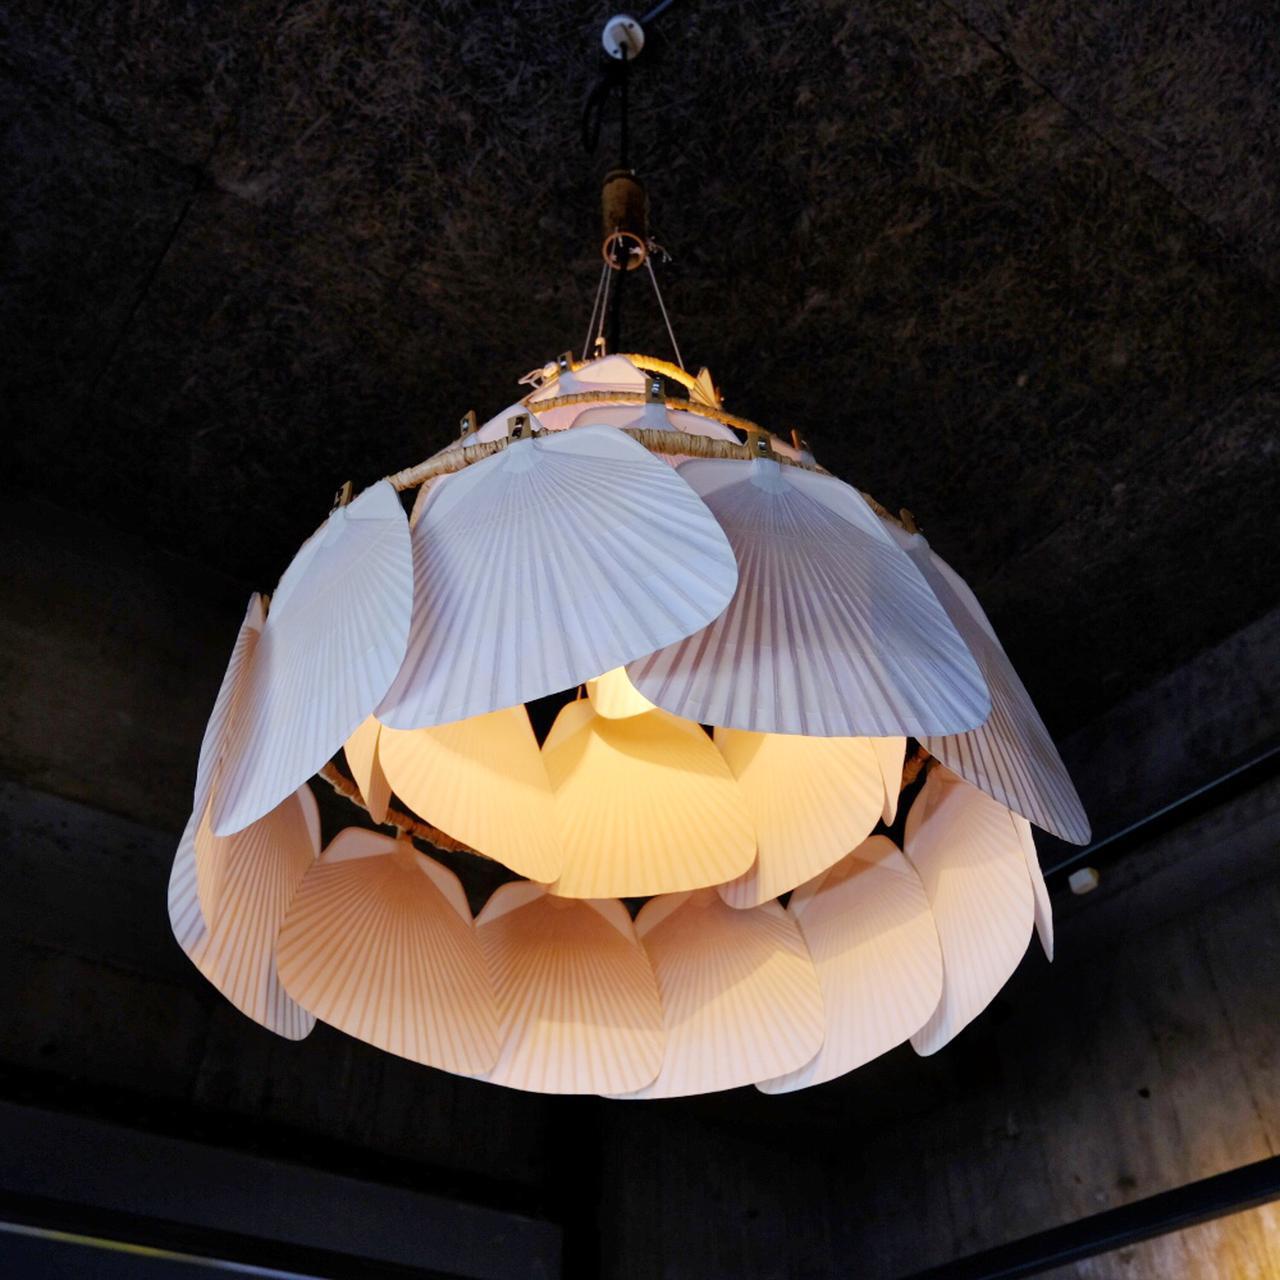 画像: 天井からぶら下げられているのは「丸亀うちわ」を花びらのように重ねた照明。